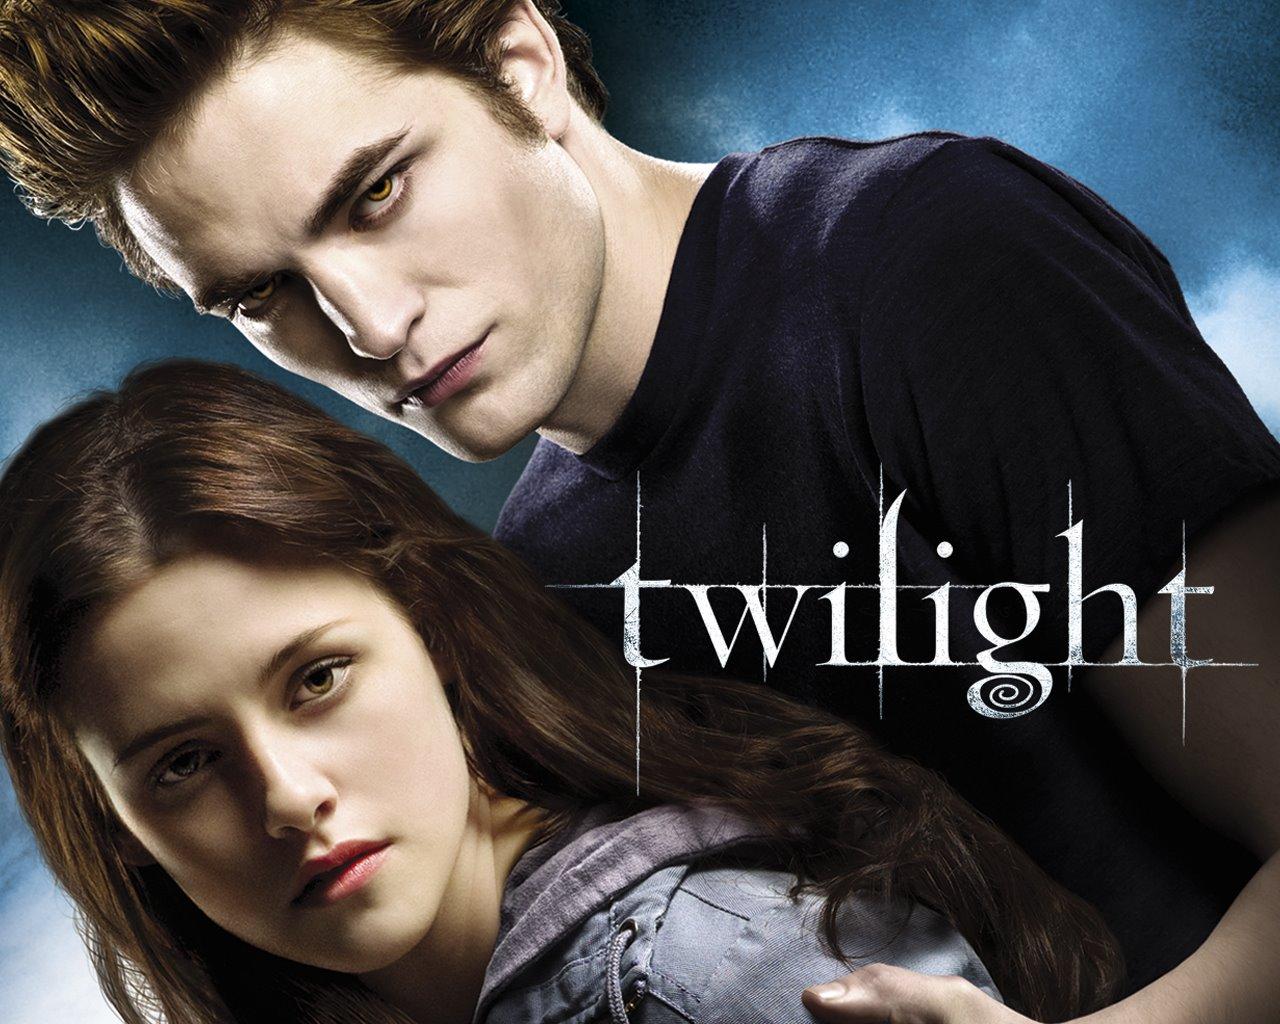 twilight - Twilight Se...